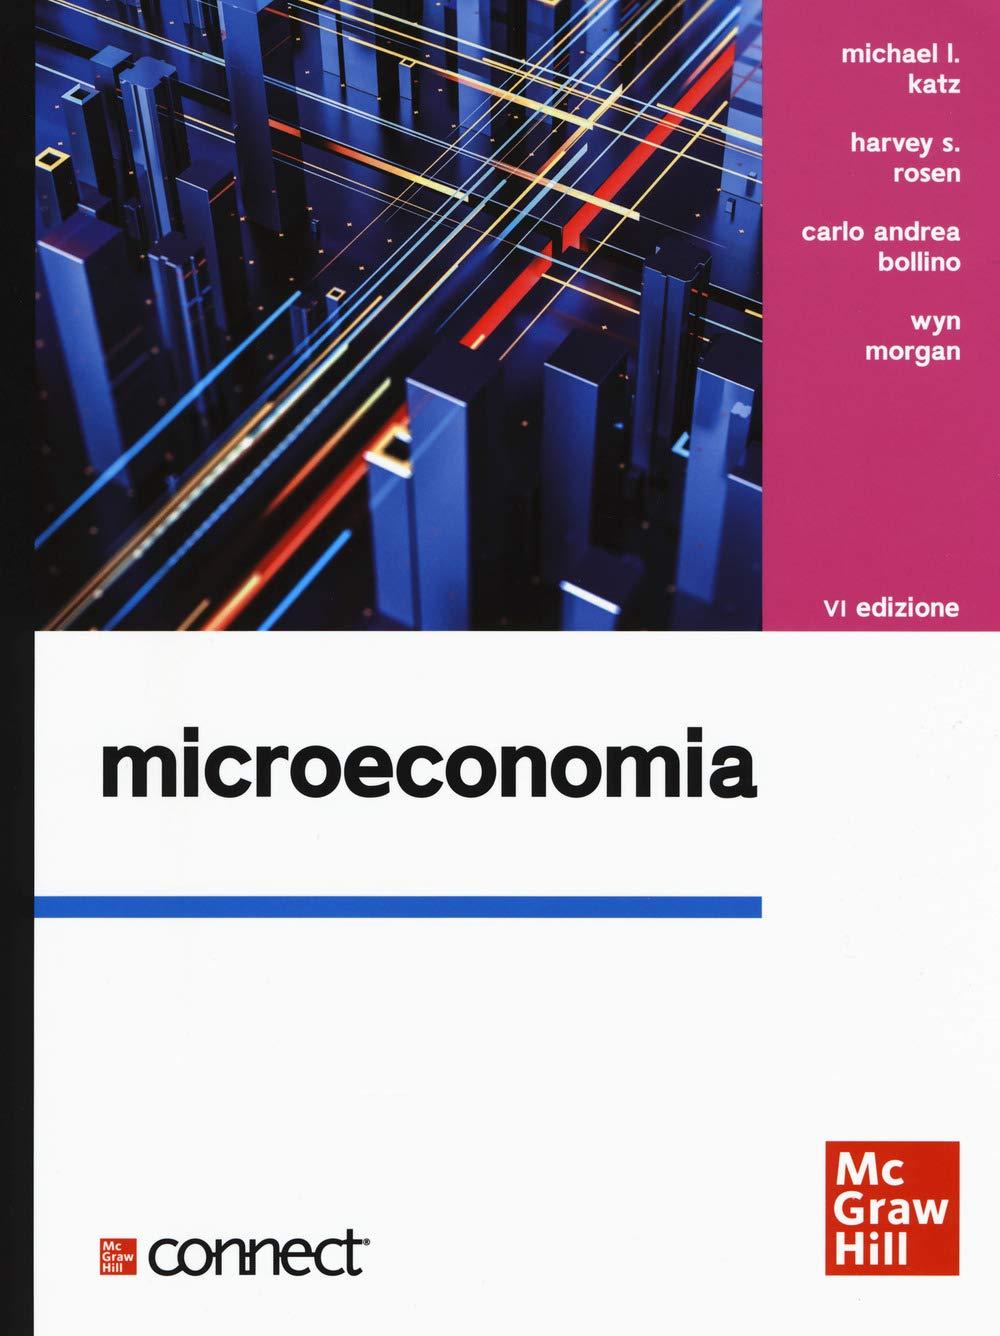 Microeconomia katz